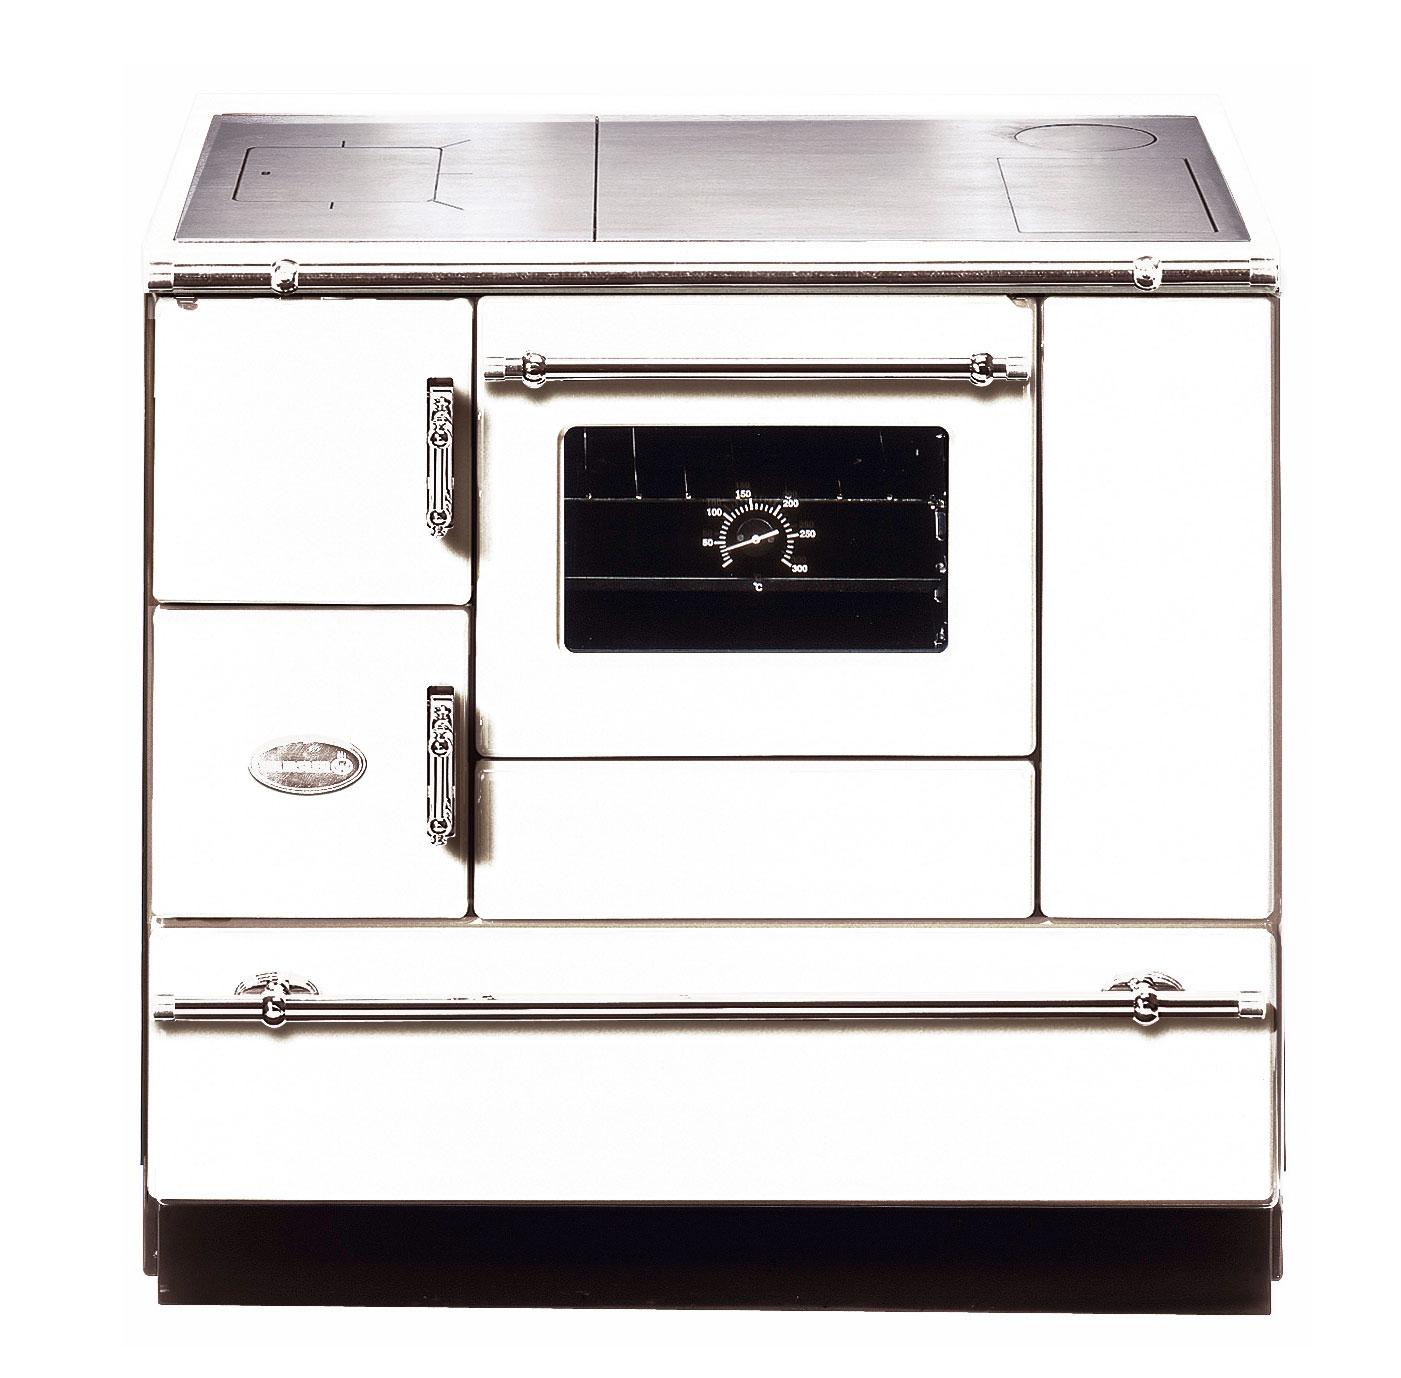 Küchenherd Wamsler K138CL Creative-Line weiß Stahlfeld Ans rechts Bild 1